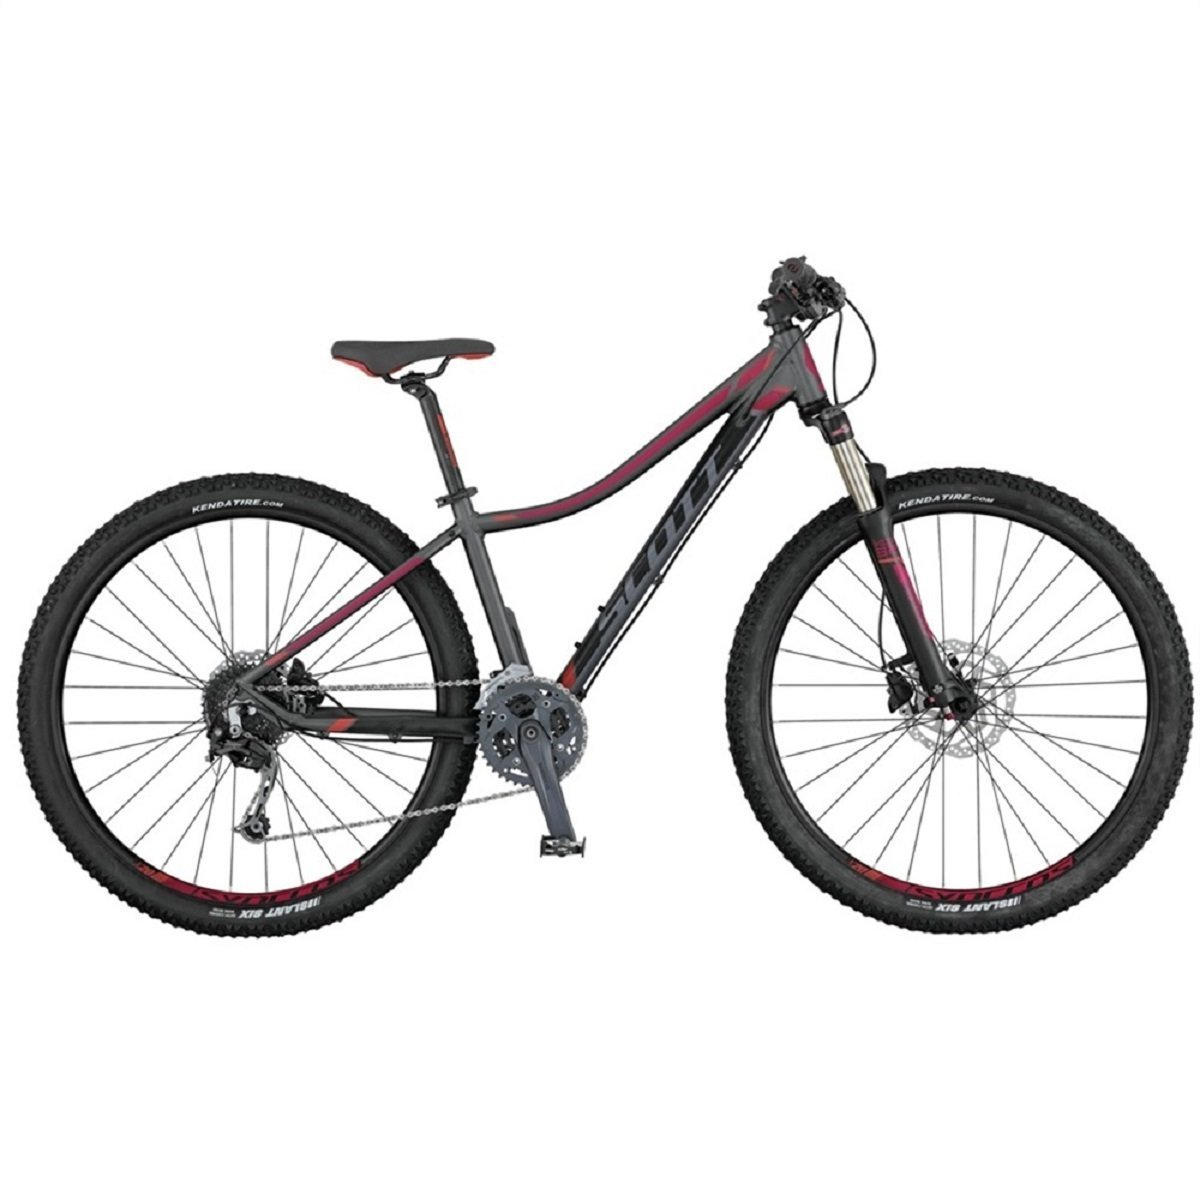 Bicicleta Scott Contessa 710 Feminina Aro 27.5